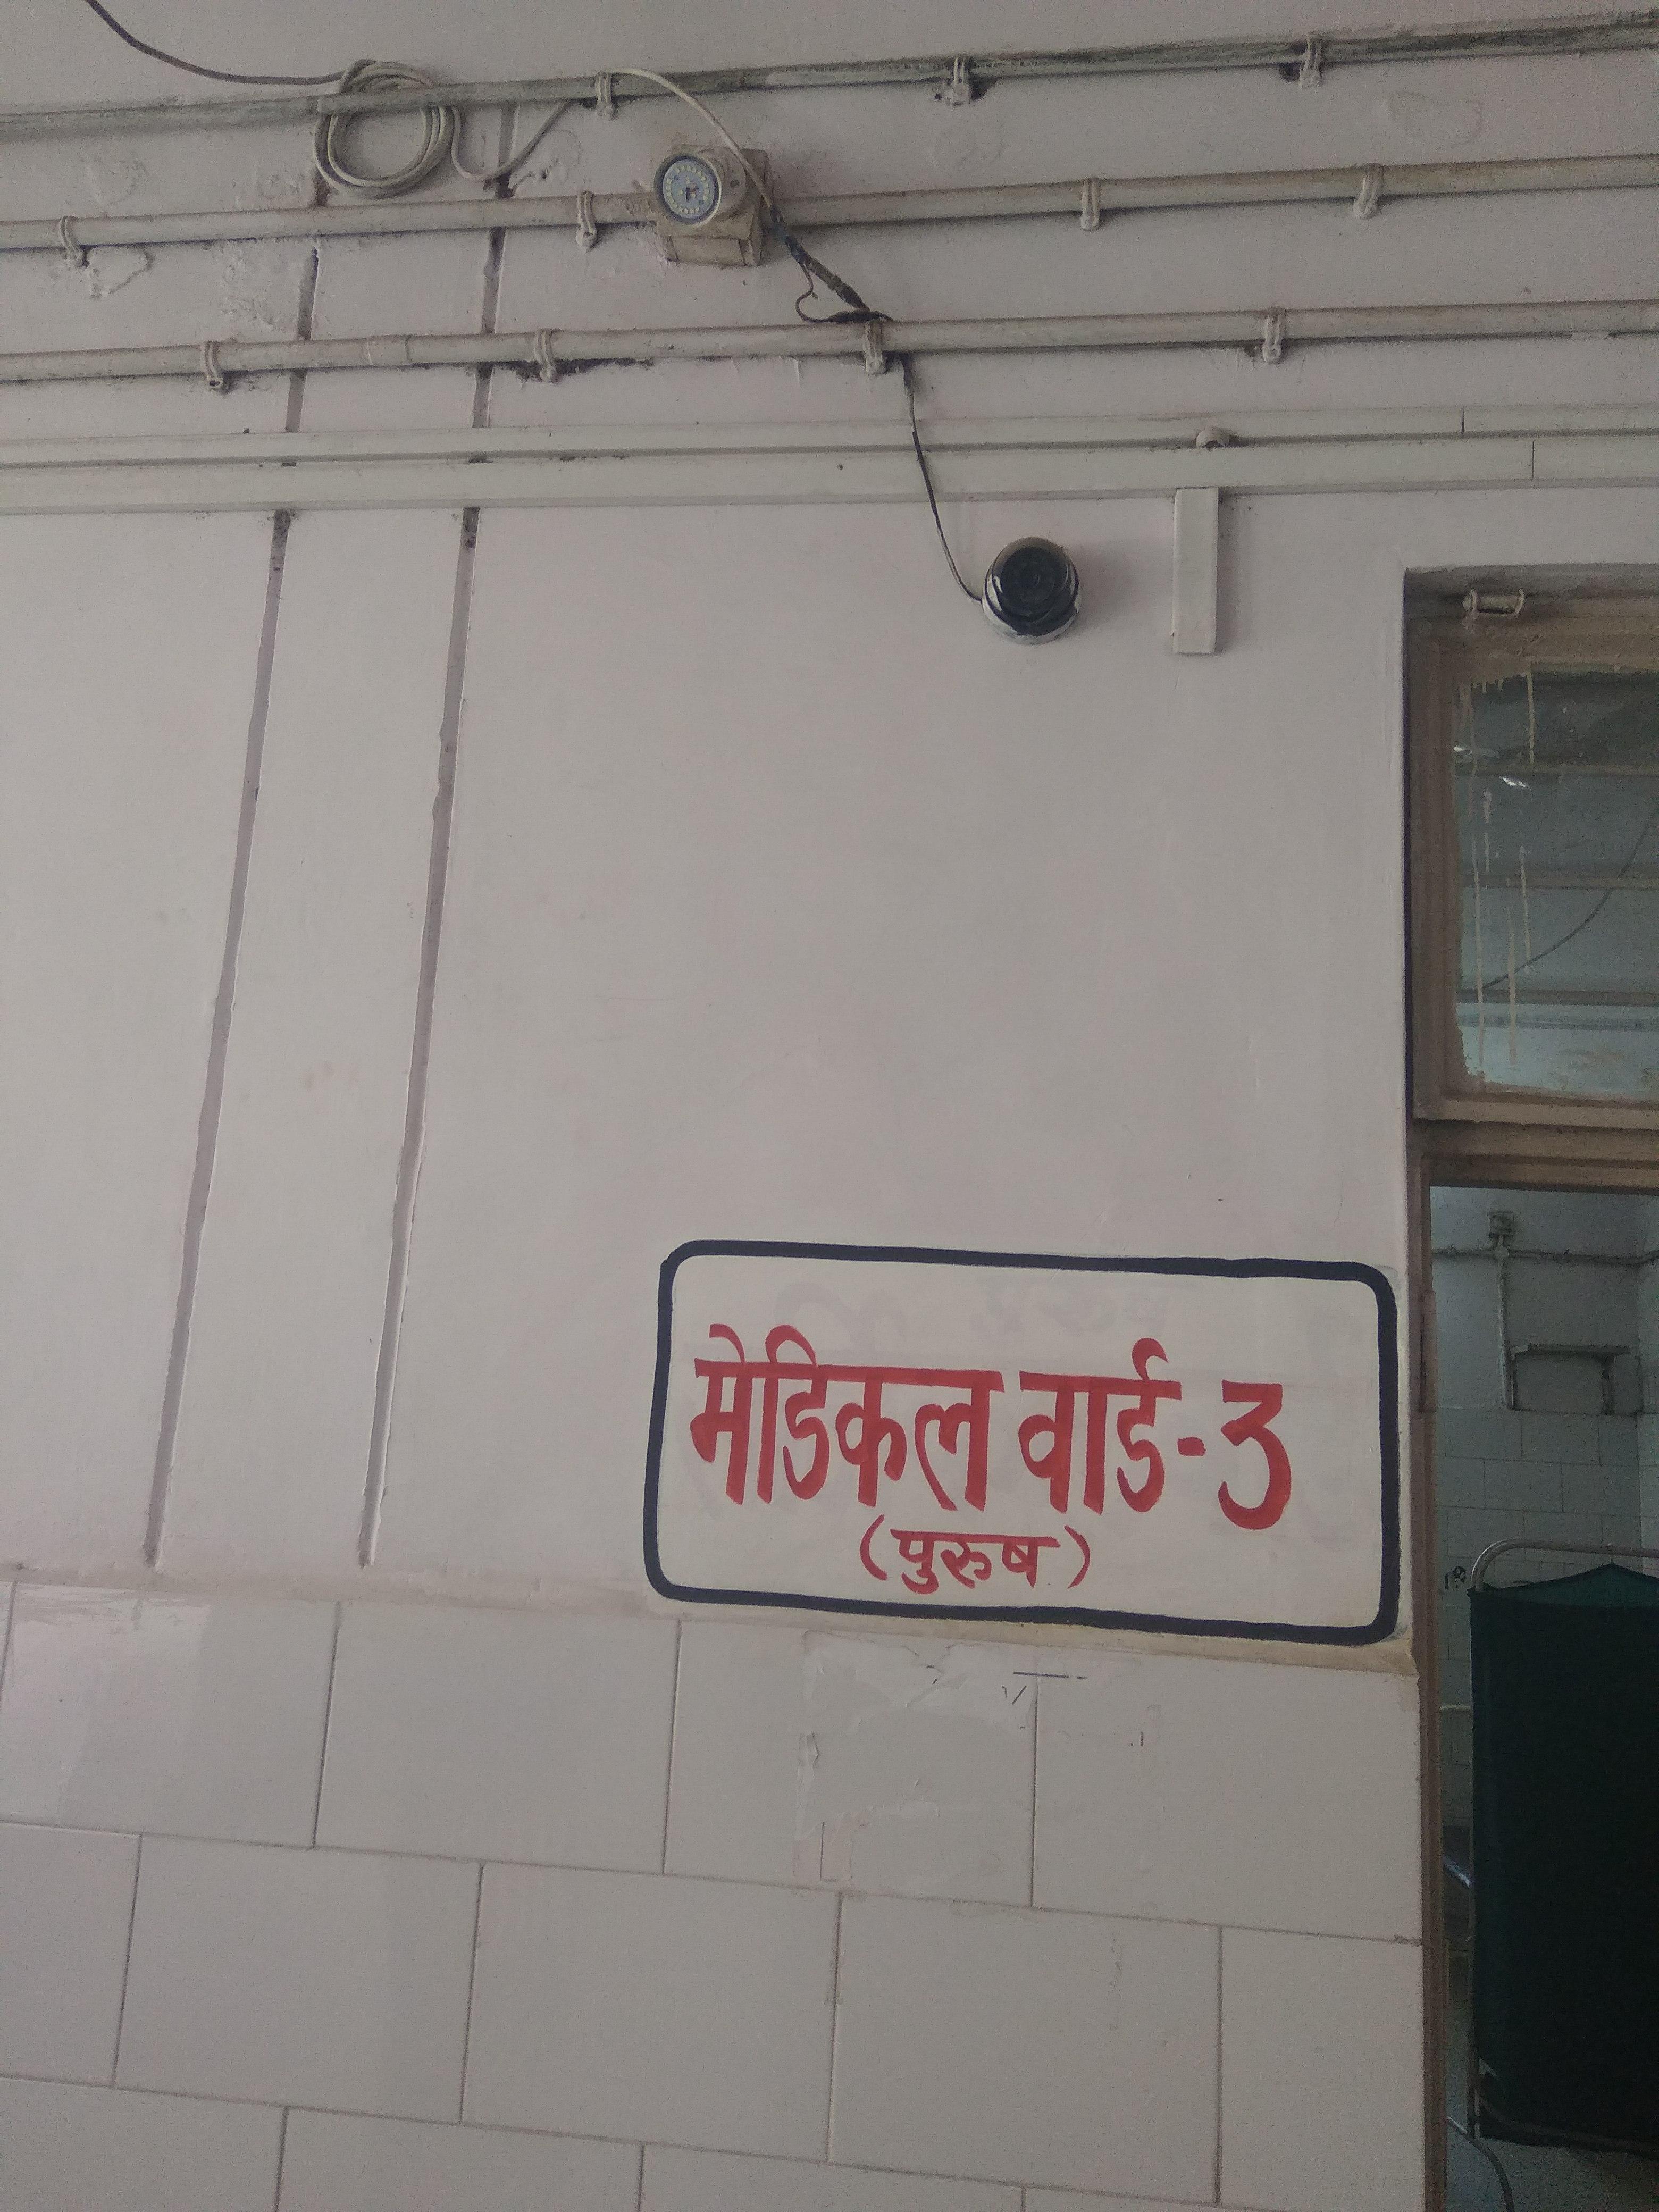 तीसरी आंख बंद: भगवान भरोसे जिला अस्पताल की सुरक्षा व्यवस्था, लाखों की सीसीटीवी कैमरा बनी शोपीस